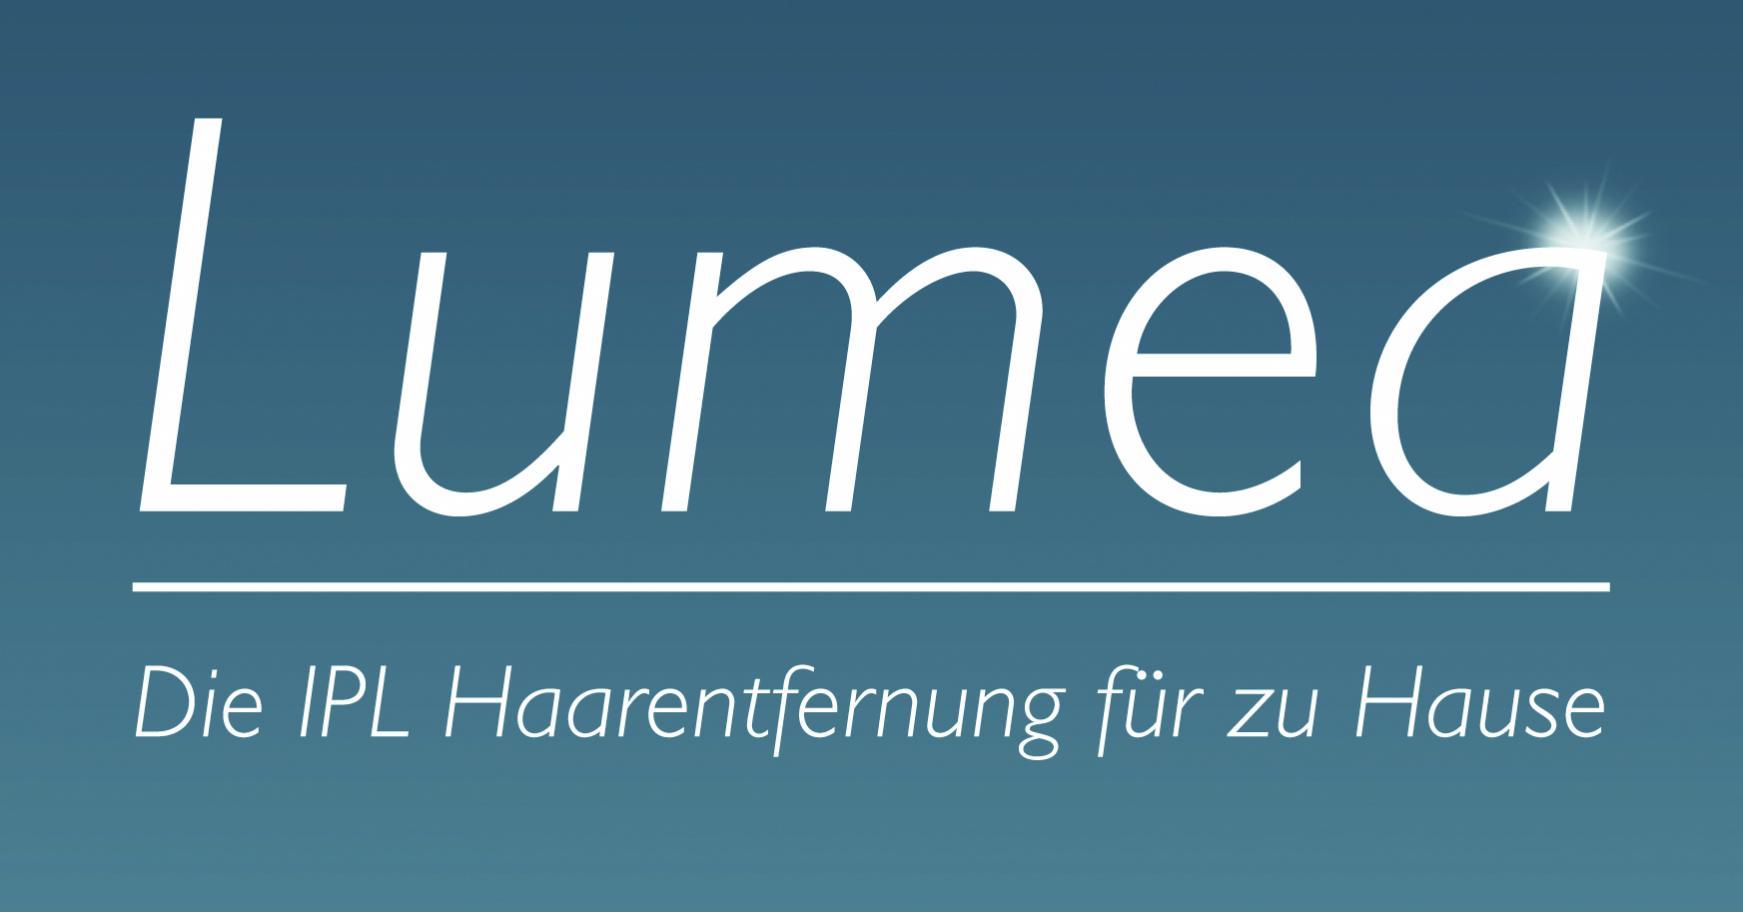 Der Philips Lumea Unkomplizierte Haarentfernung von zu